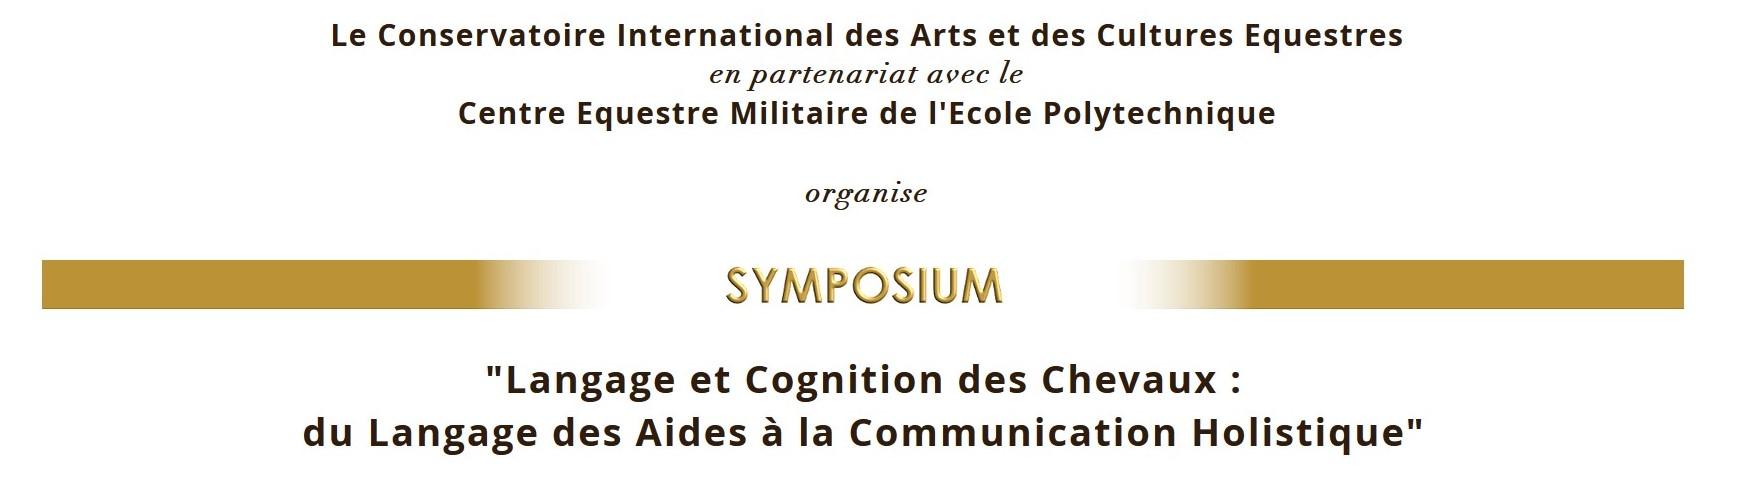 (29-30/10) Langage et Cognition des Chevaux: du Langage des Aides à la Communication Holistique